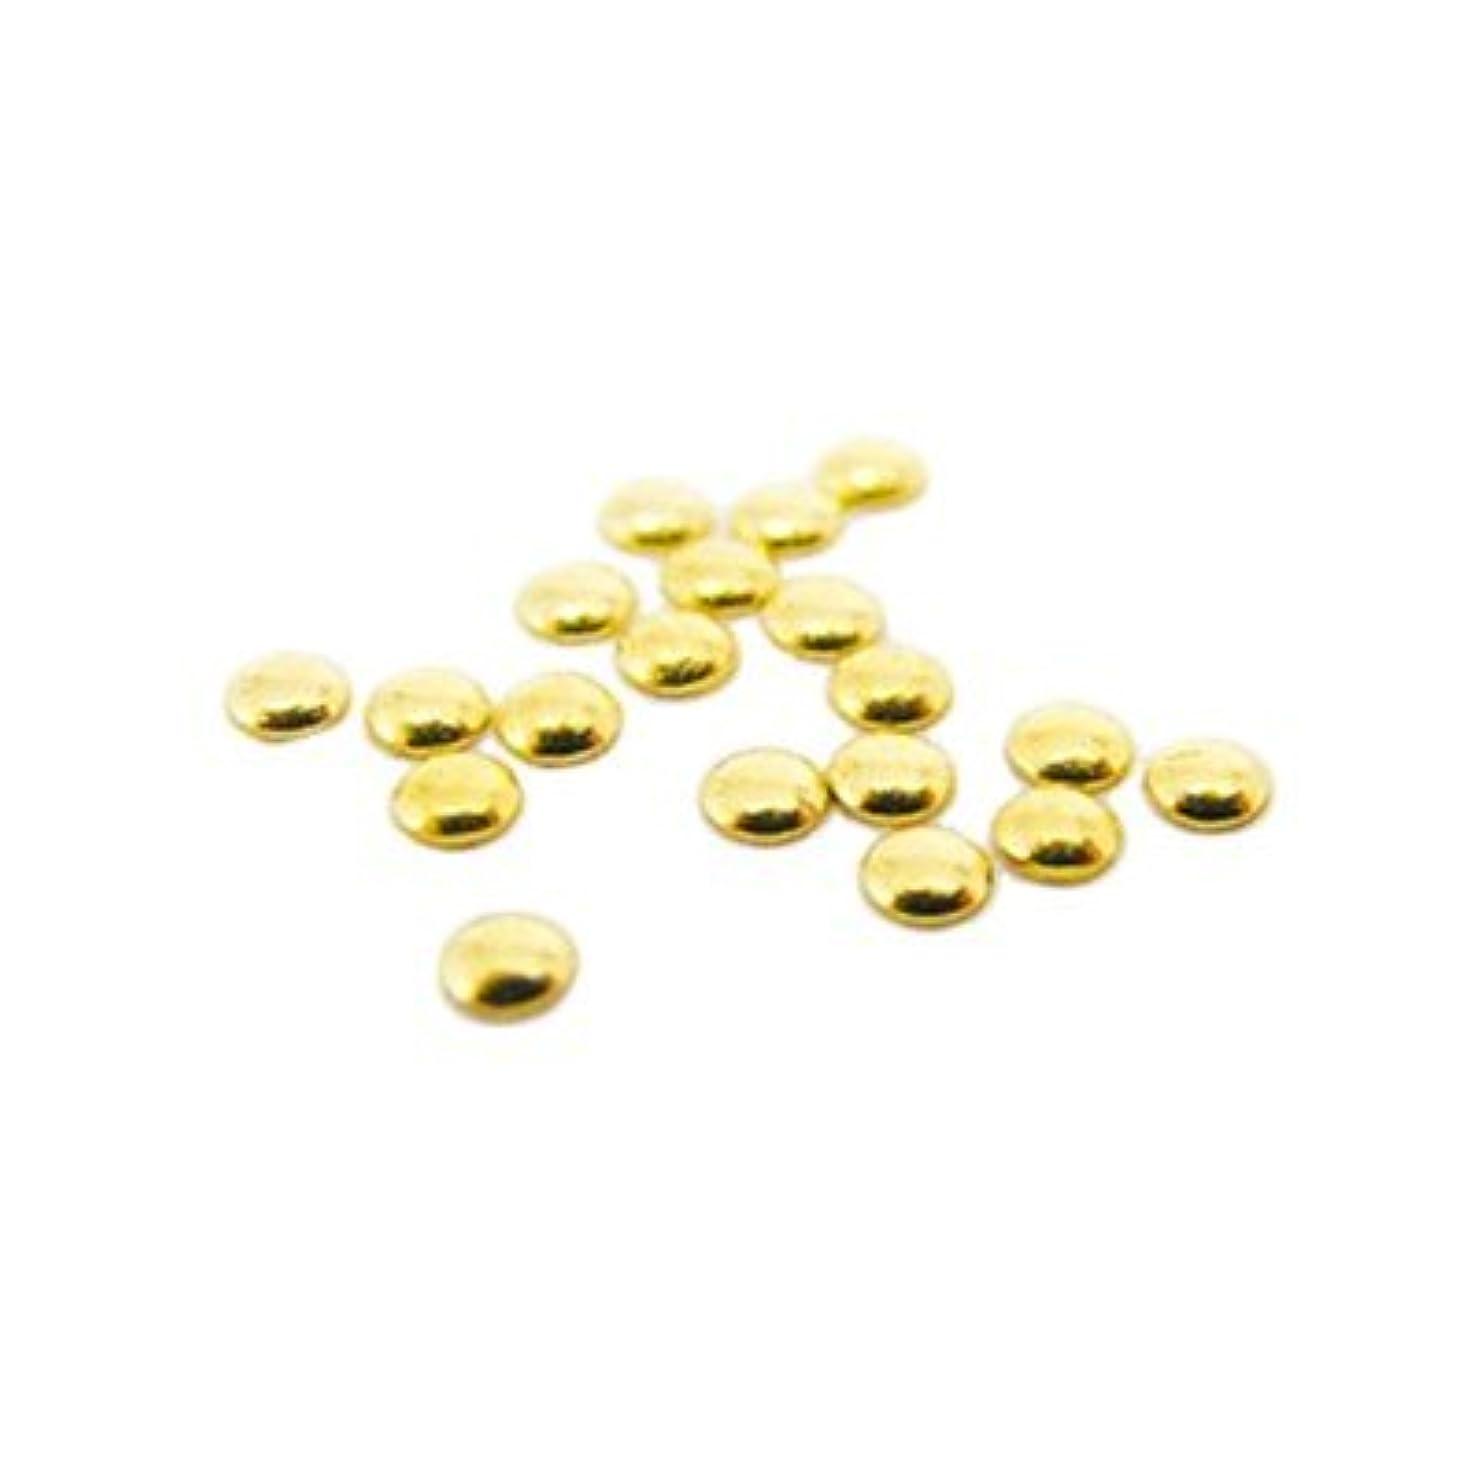 お金ゴムラップトップ一時解雇するピアドラ スタッズ 0.8mm 500P ゴールド